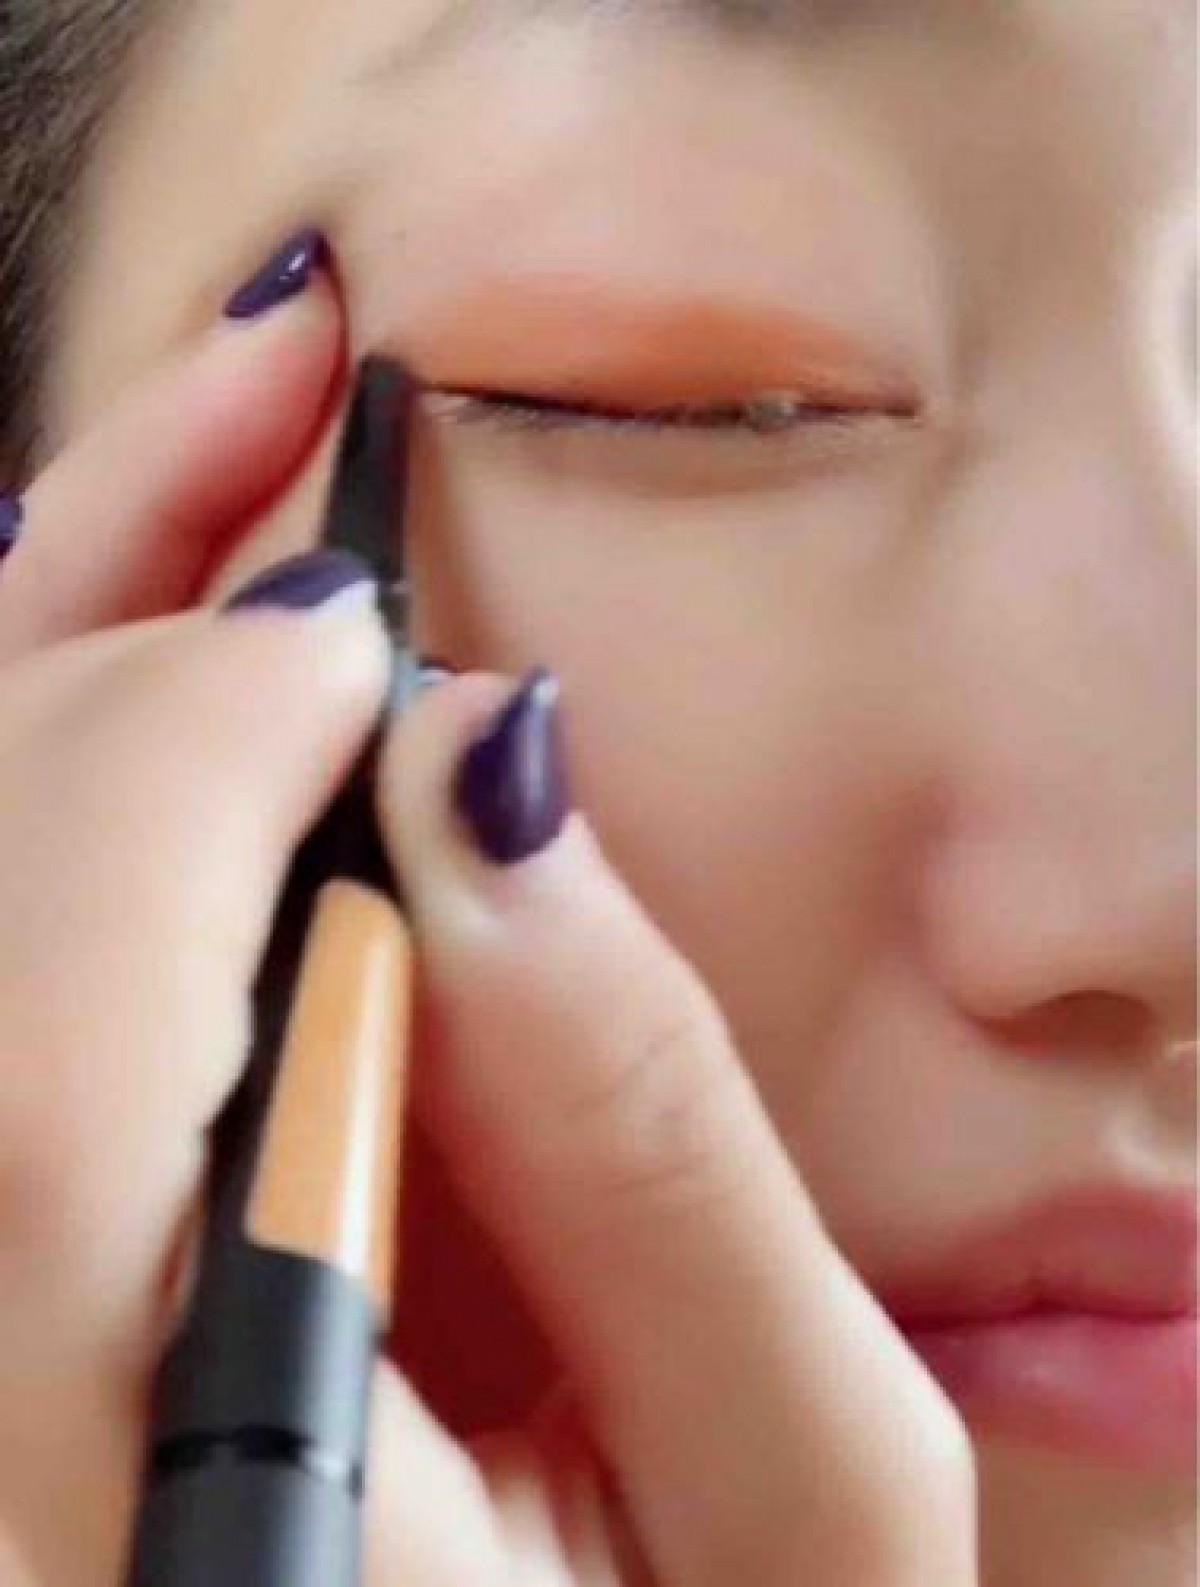 【ハロウィン仕様メイク】パープル × オレンジで大人カラーメイク|パキッと発色